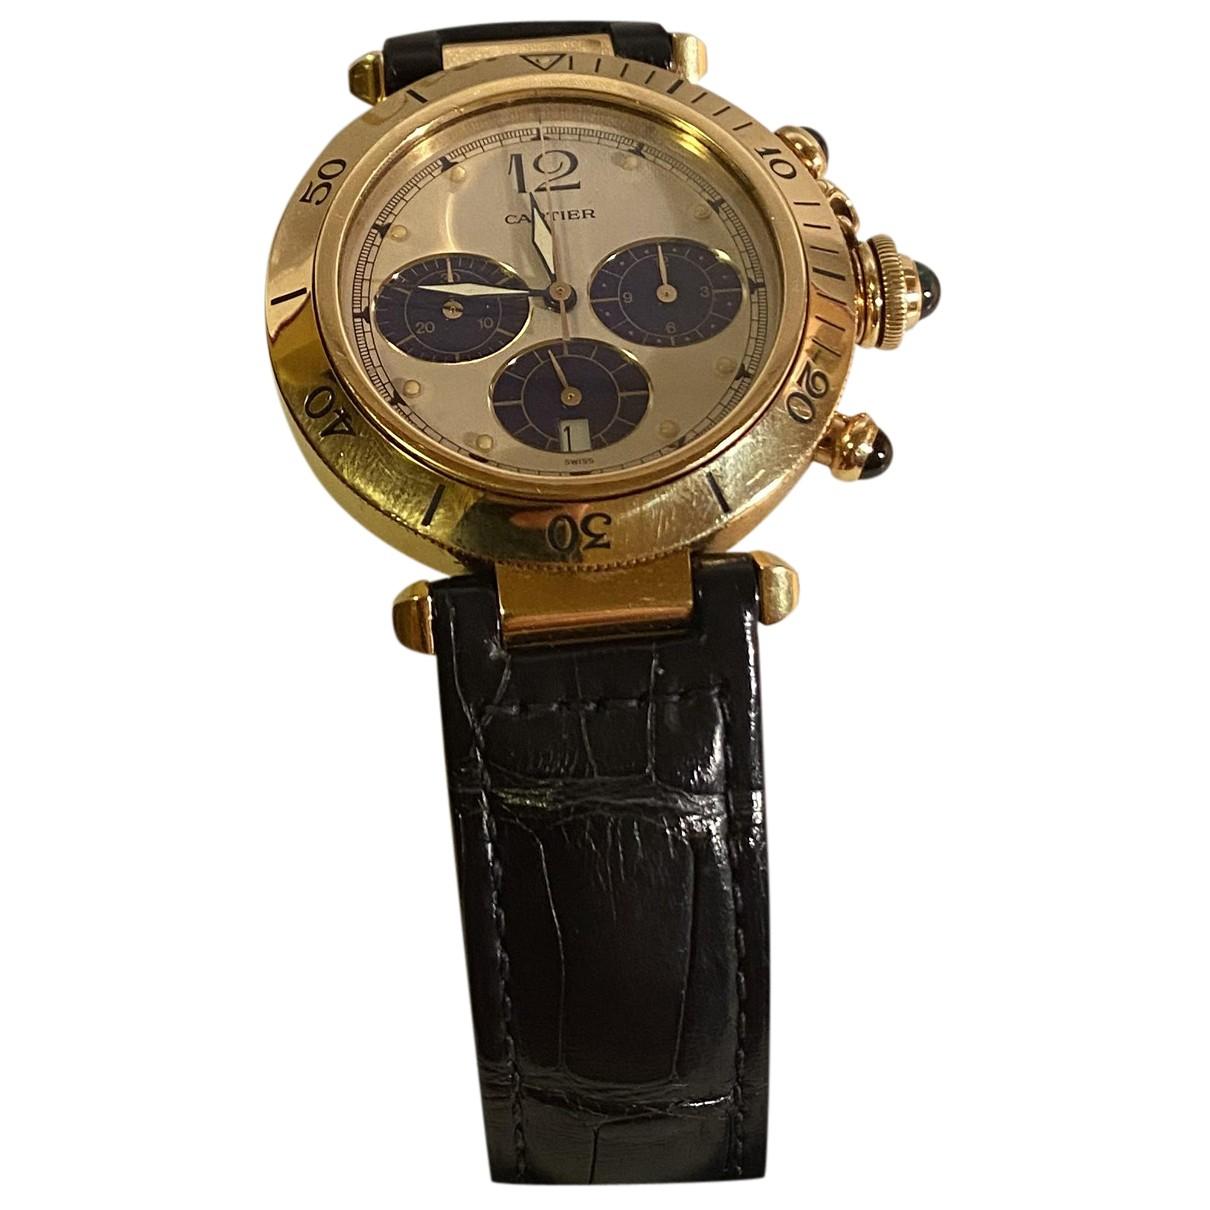 Cartier Pasha Chronographe Uhr in  Gold Gold und Stahl